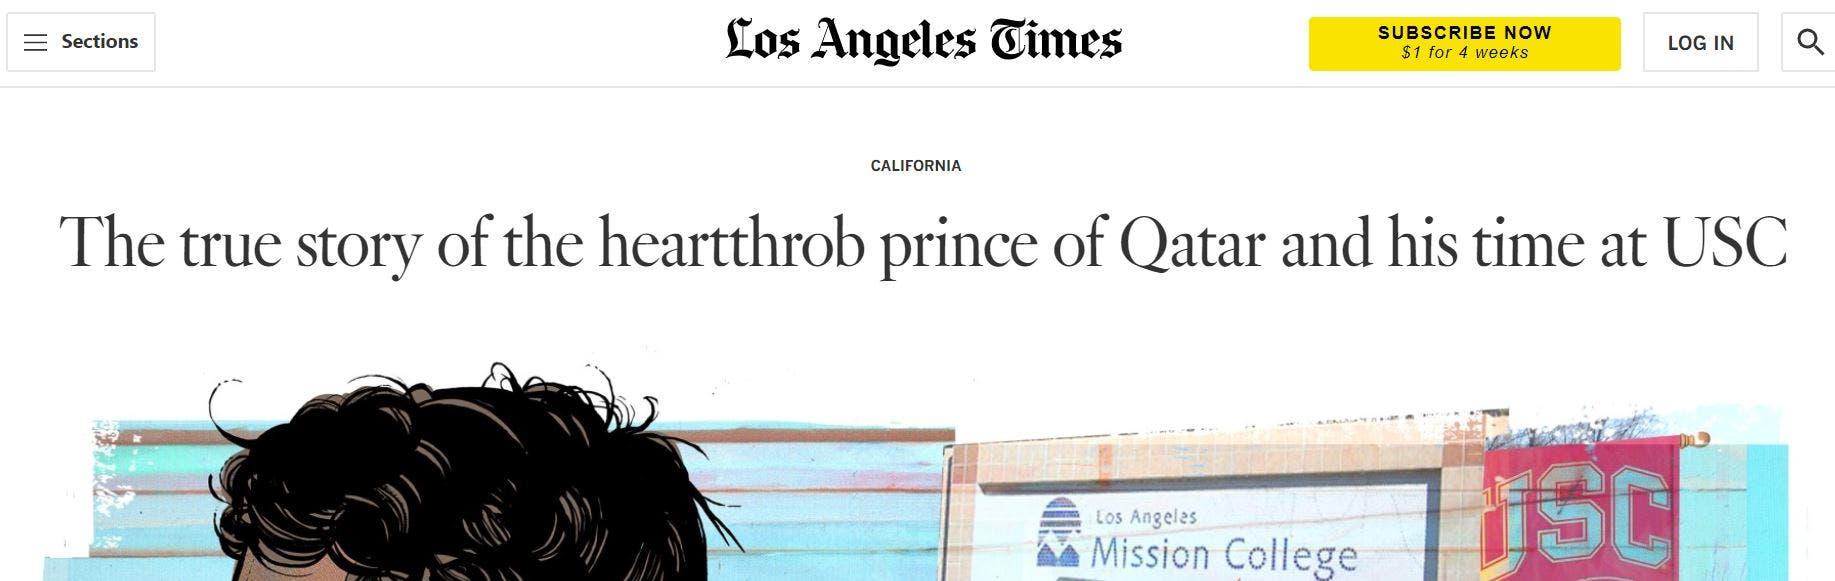 تقرير مفصل أفردته صحيفة لوس أنجلوس تايمز عن الأمير المراهق